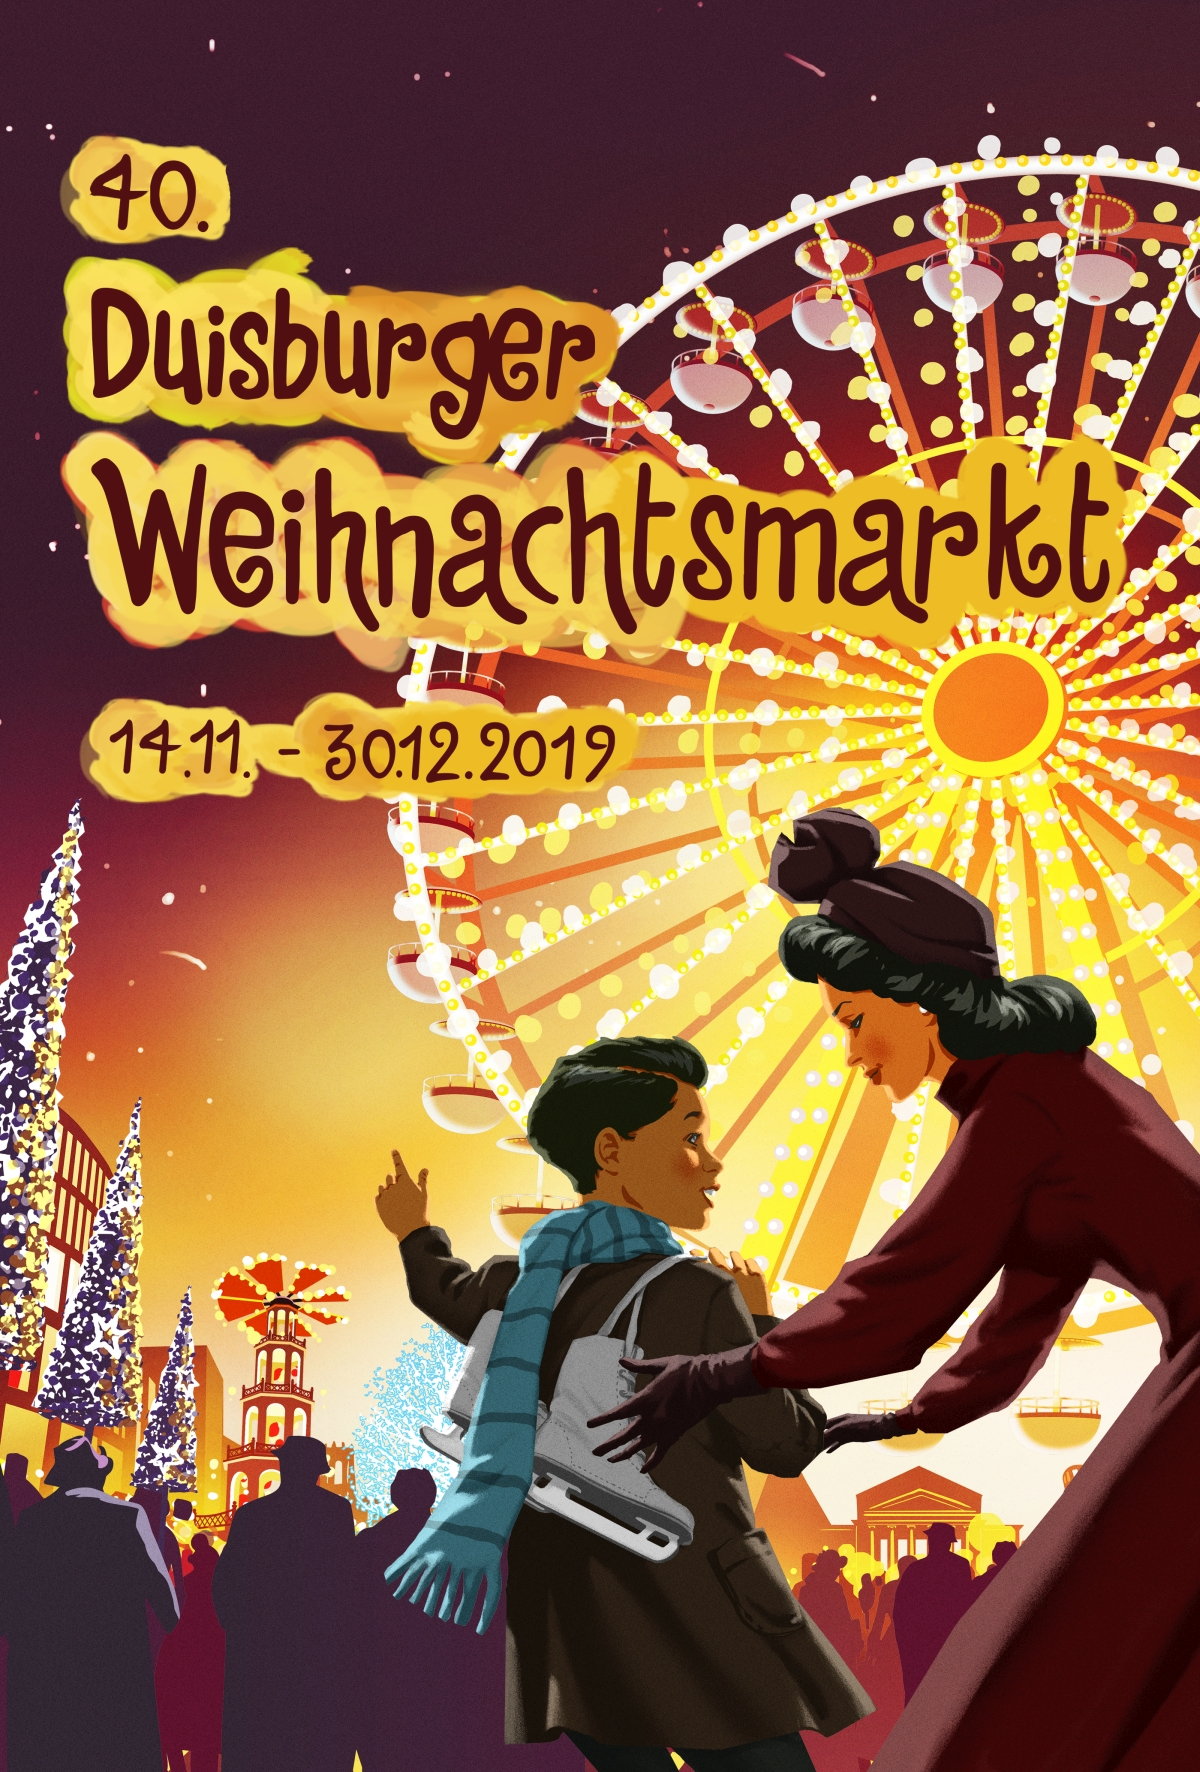 Weihnachtsmarkt Duisburg 2019